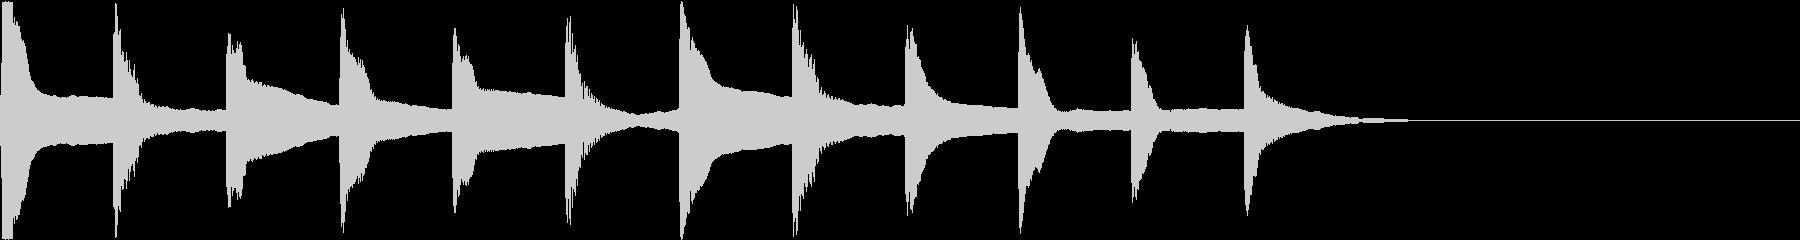 着信音 ループ お知らせ 通知 2の未再生の波形